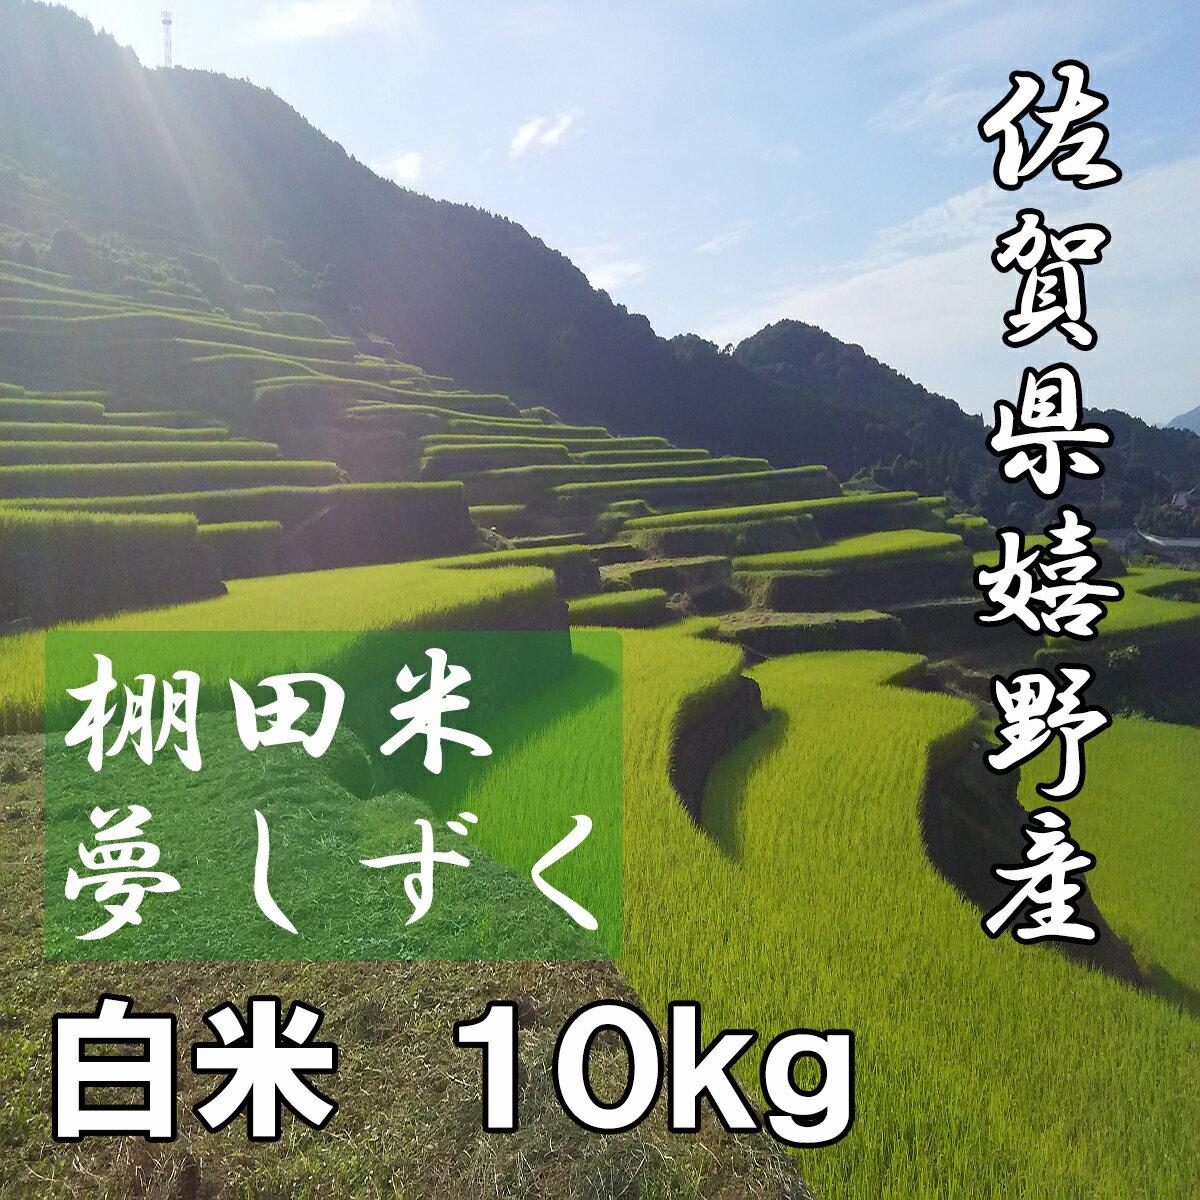 【29年産 新米】【送料無料】佐賀県嬉野産 棚田米 夢しずく 白米10kg